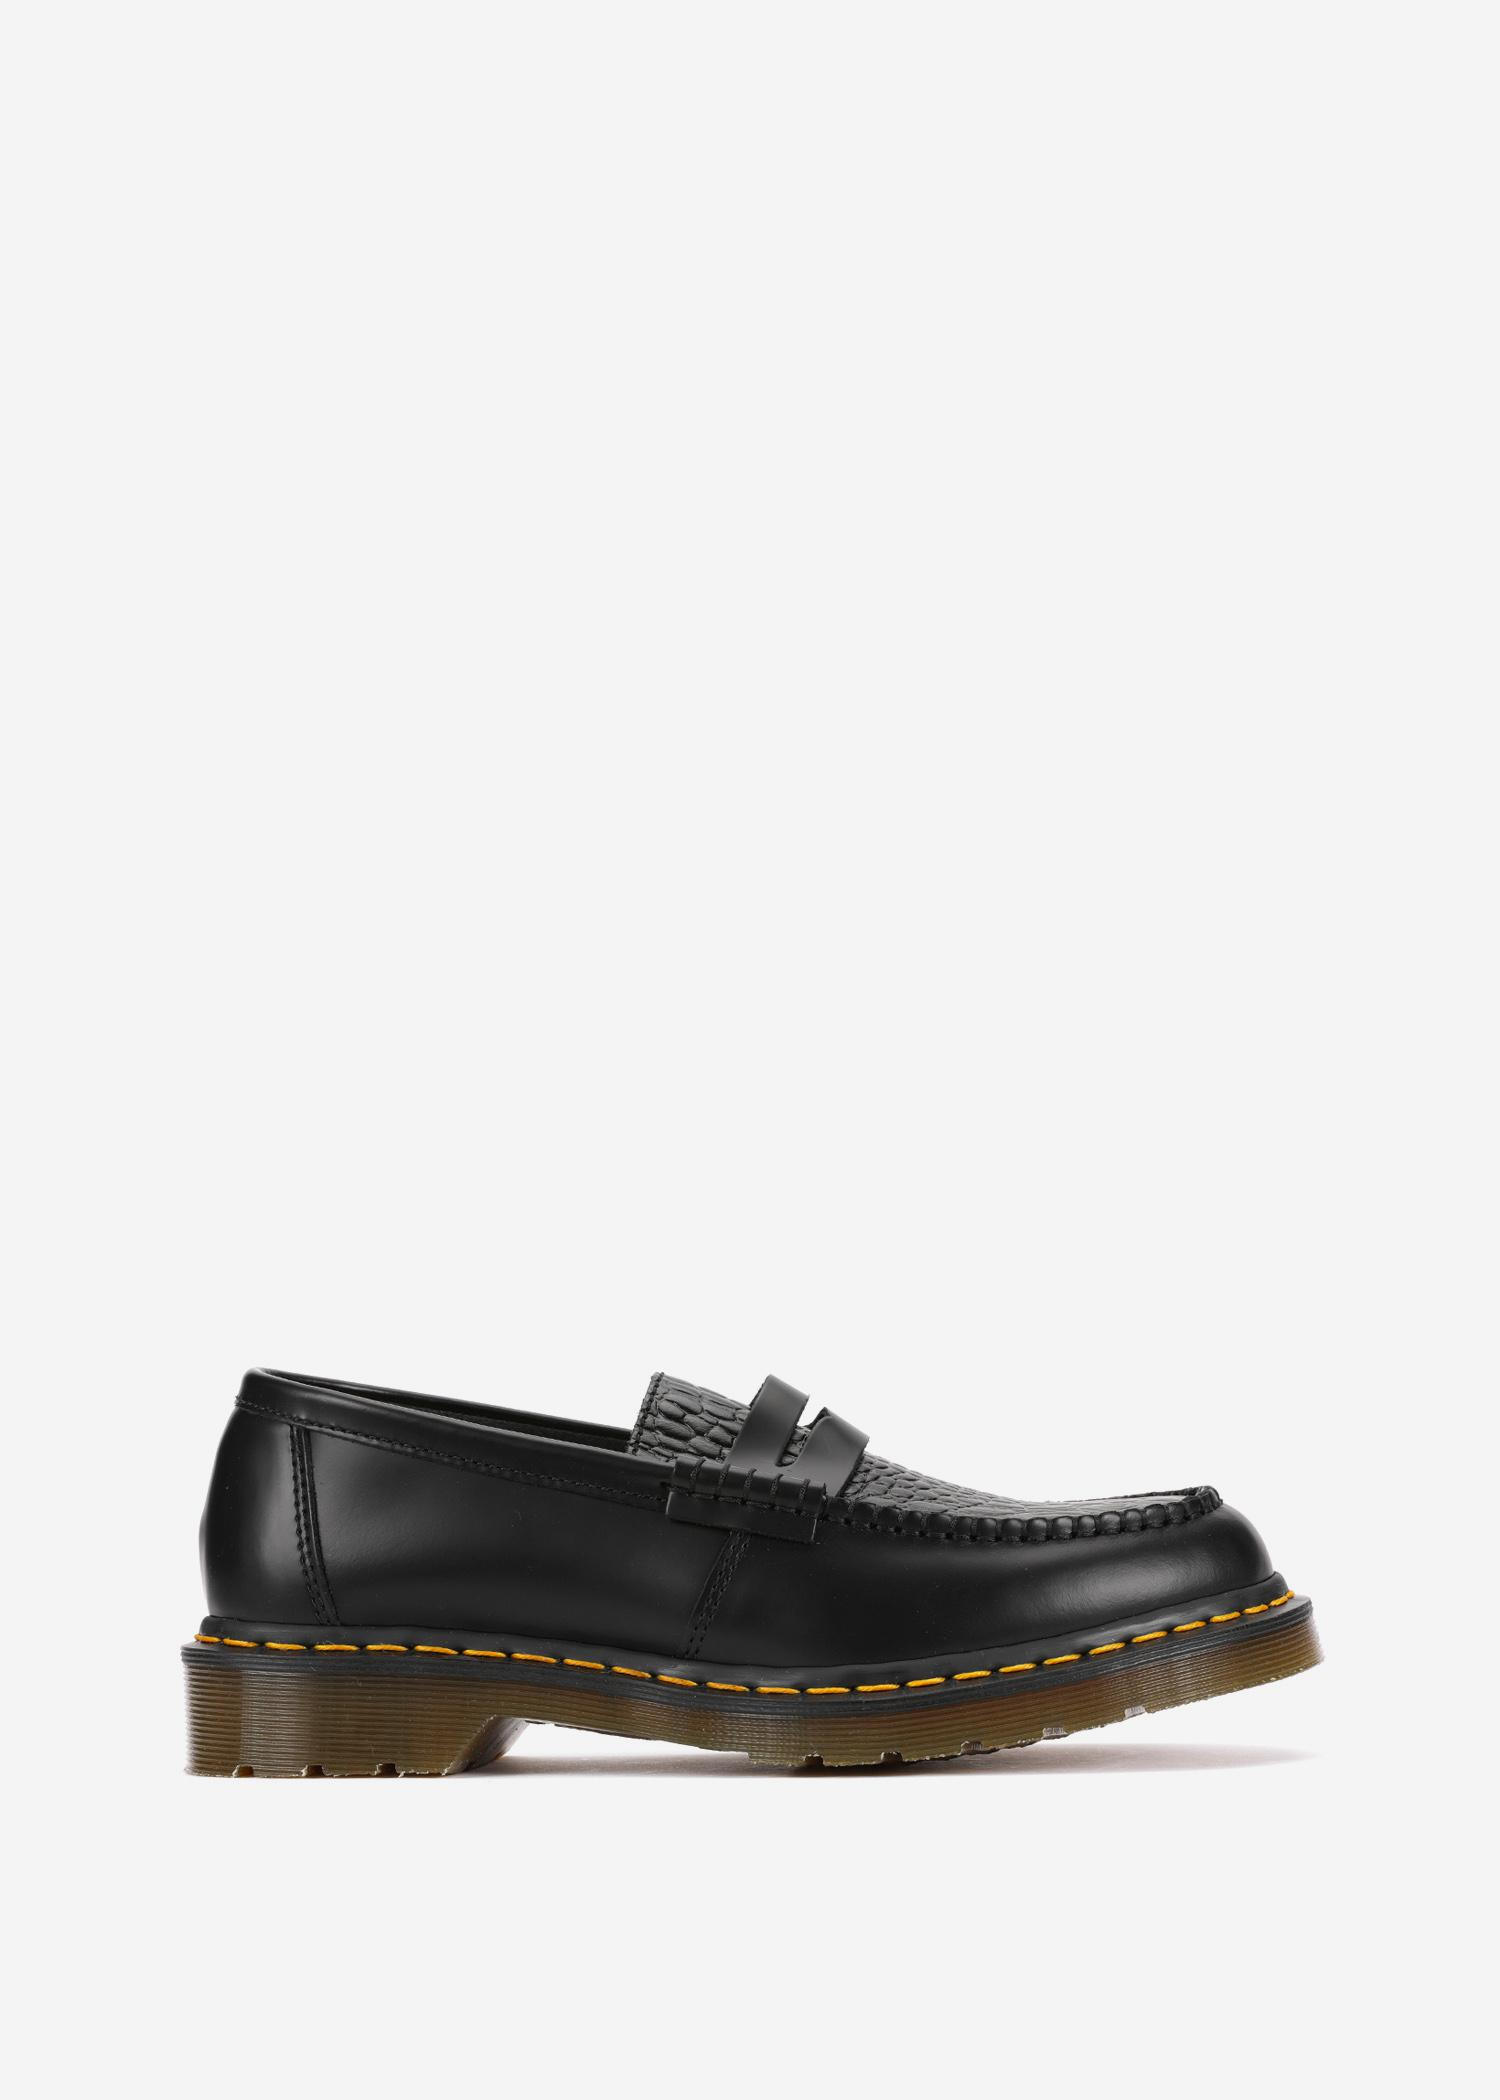 67a9568343f Dr. Martens X Stussy Penton Loafer In Black